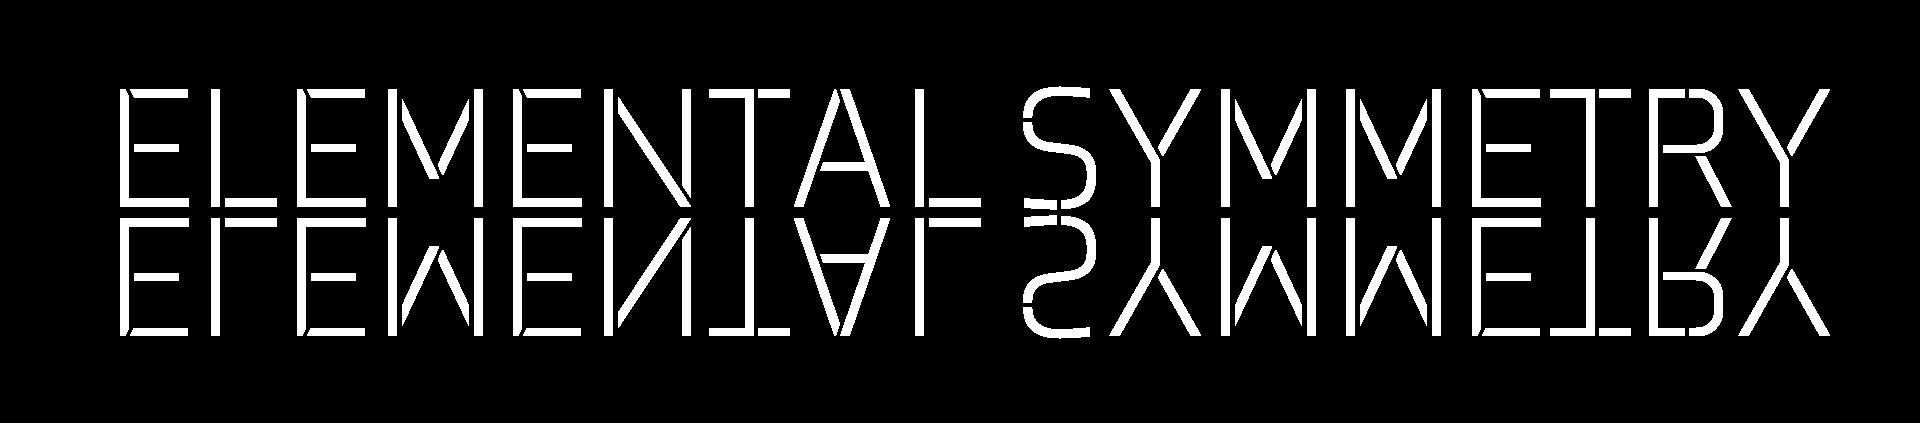 elementalsymmetry.art